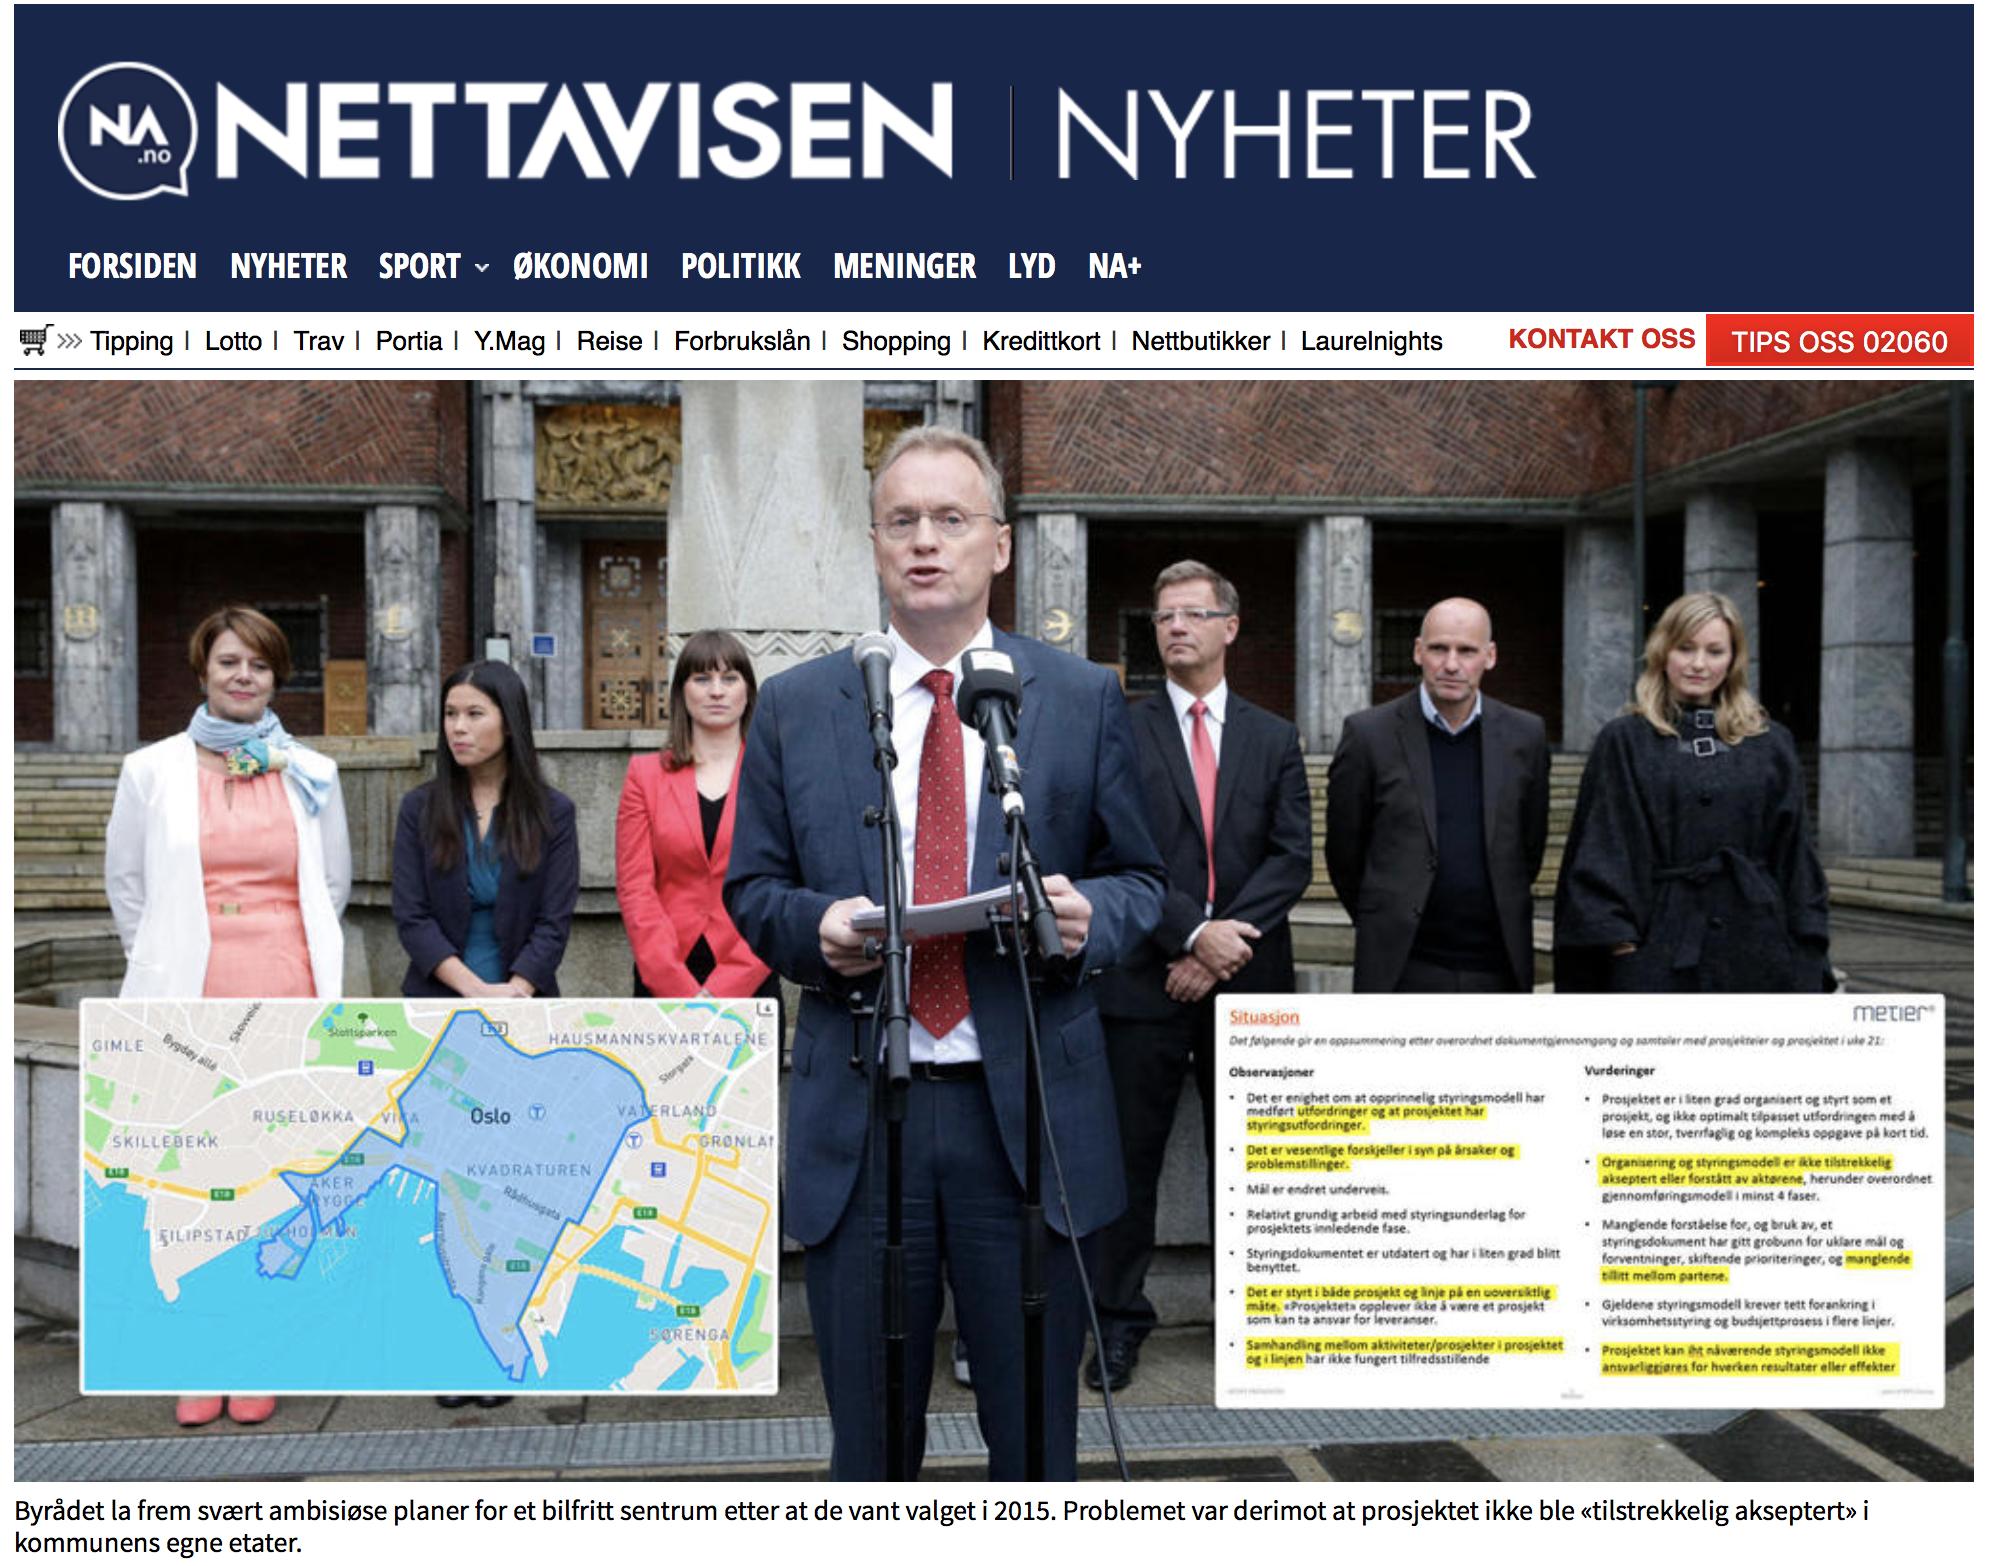 Faksimile fra Nettavisens artikkel 1. februar 2018.